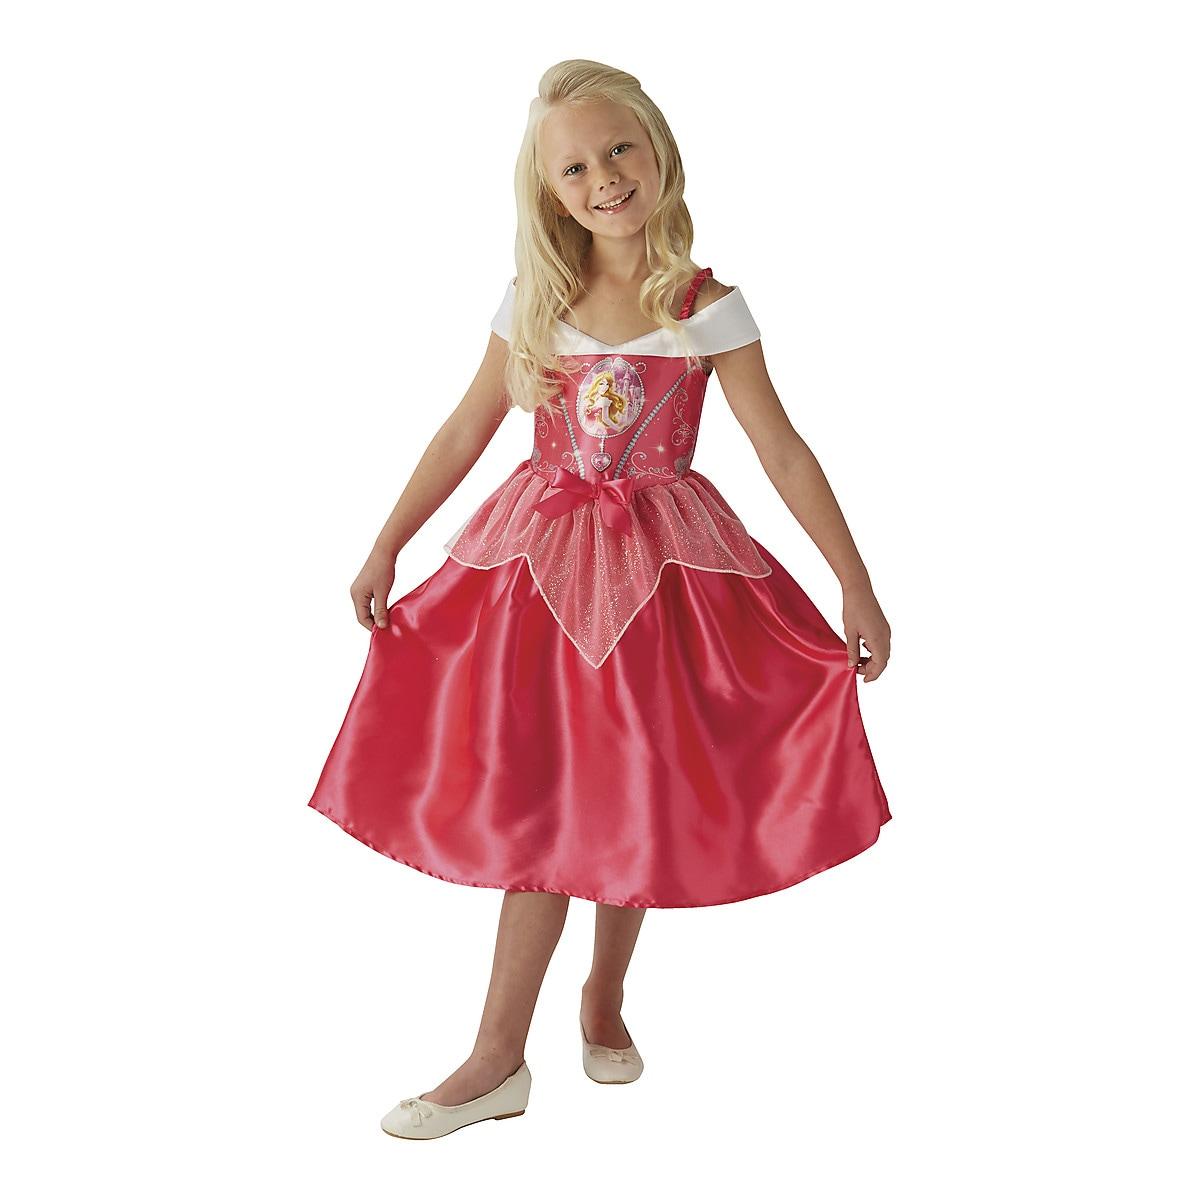 Sleeping Beauty Fancy Dress Costume